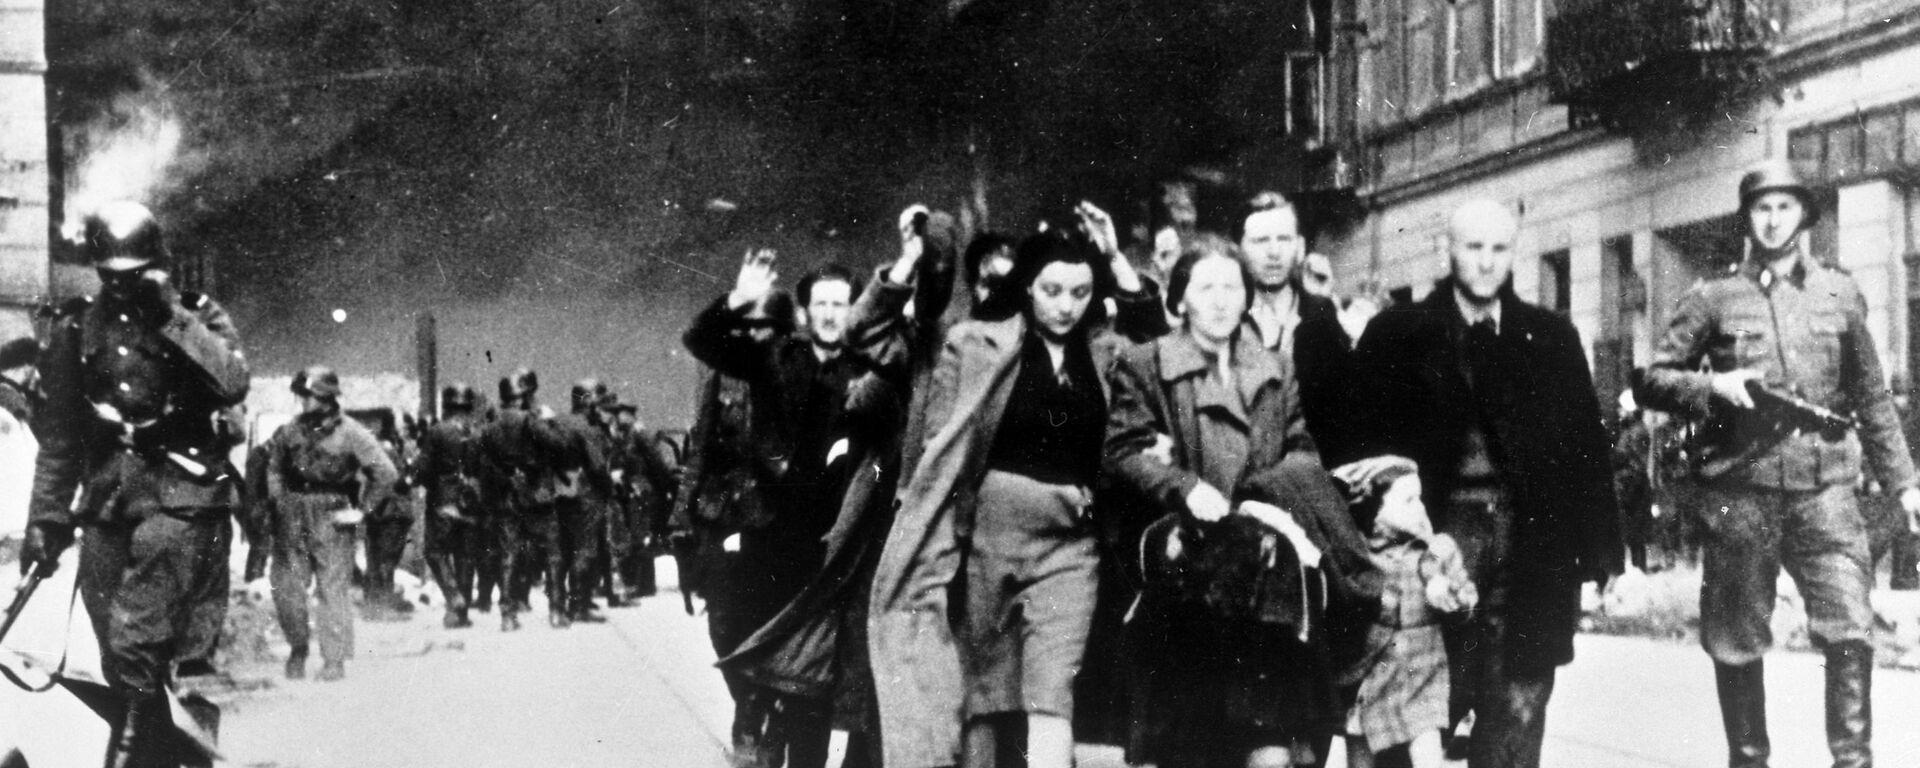 Żydzi eskortowani w drodze do obozu śmierci w Treblince,1942 - Sputnik Polska, 1920, 25.03.2021